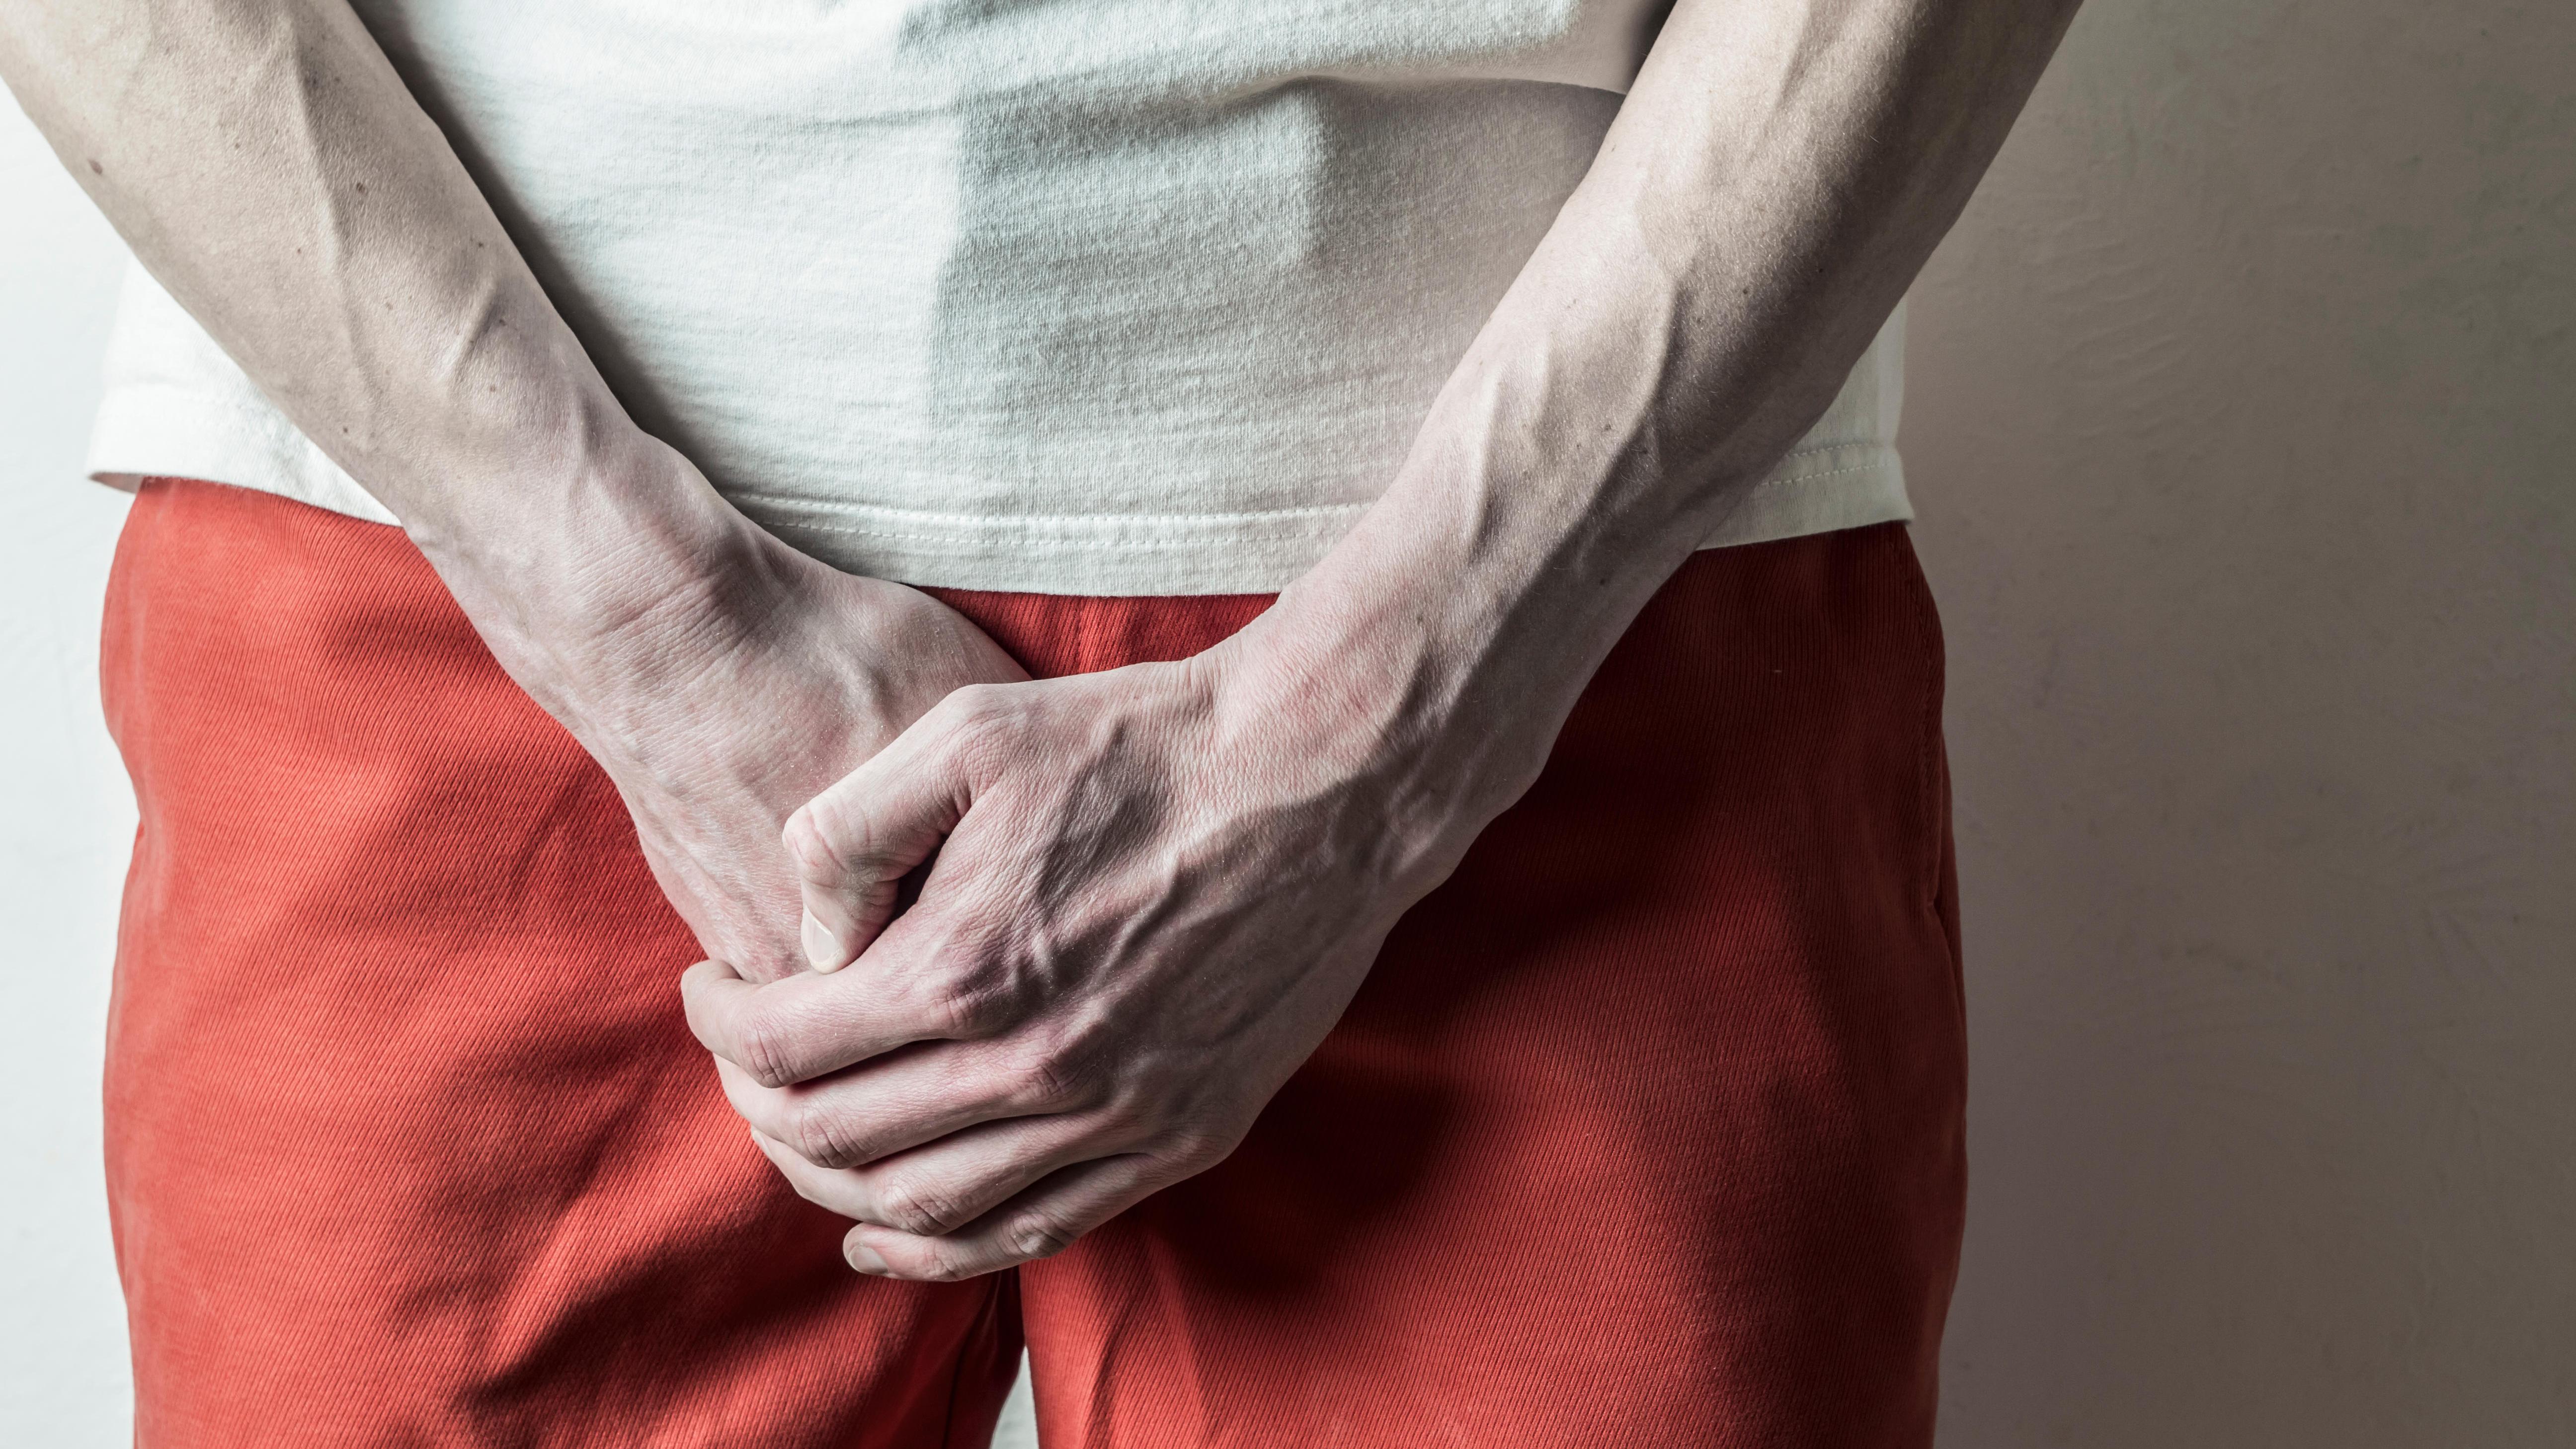 Первые симптомы ВИЧ у мужчин. ВИЧ-симптомы у мужчин: первые признаки